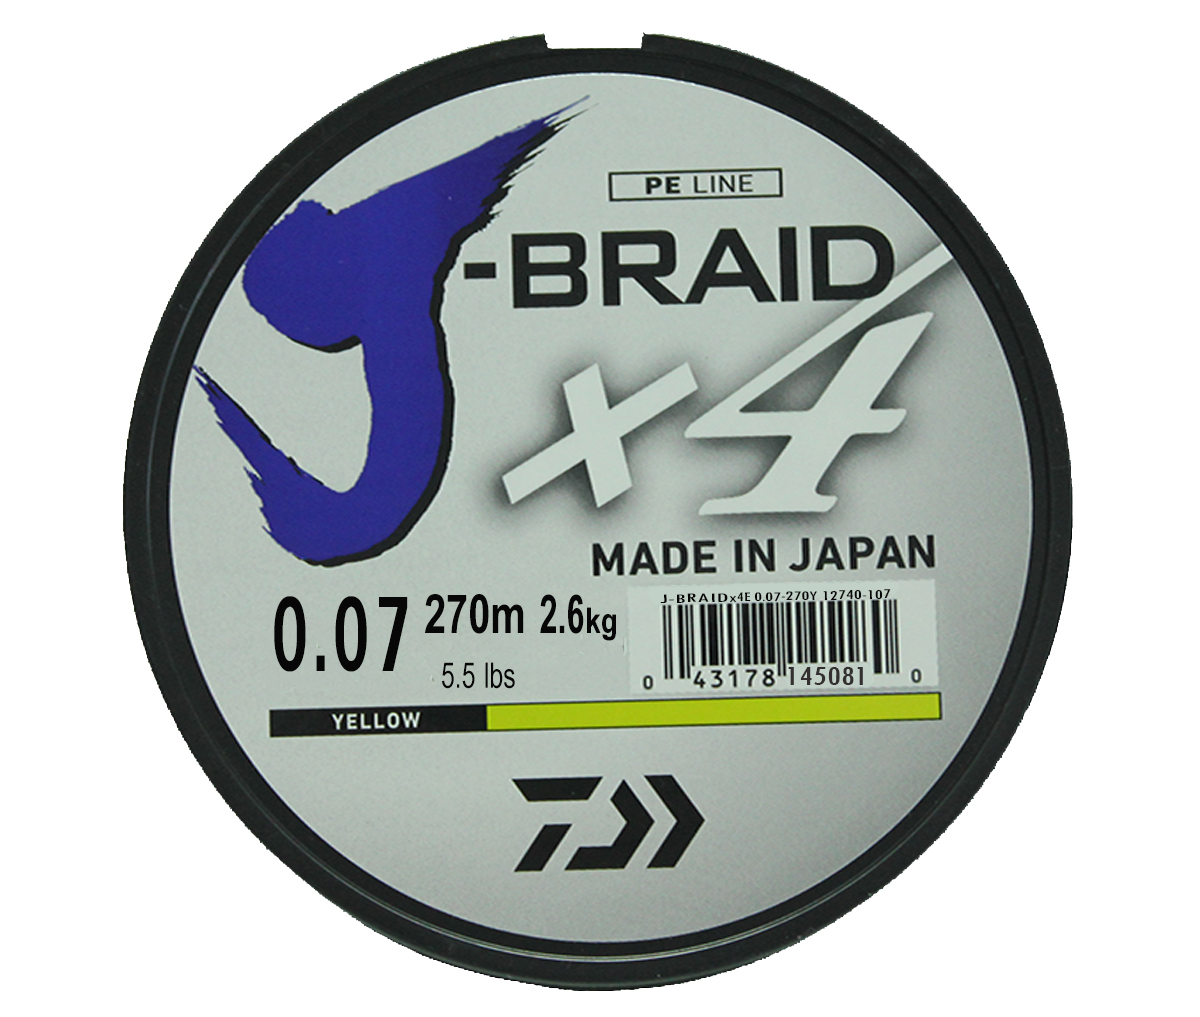 Леска плетеная DAIWA J-Braid X4 0,07мм 270 (флуор.-желтая)Леска плетеная<br>Новый 4х жильный шнур J-Braid, DAIWA - шнур высокого <br>класса с удивительным соотношением цены <br>и качества. Качество плетения полностью <br>соответствует японским стандартам и удовлетворяет <br>всем требованиям. Представленные диаметры <br>позволяют использовать шнур для всех техник <br>ловли, начиная от ultra- light ловли окуня, до <br>морской ловли палтуса, трески и т.д.<br>